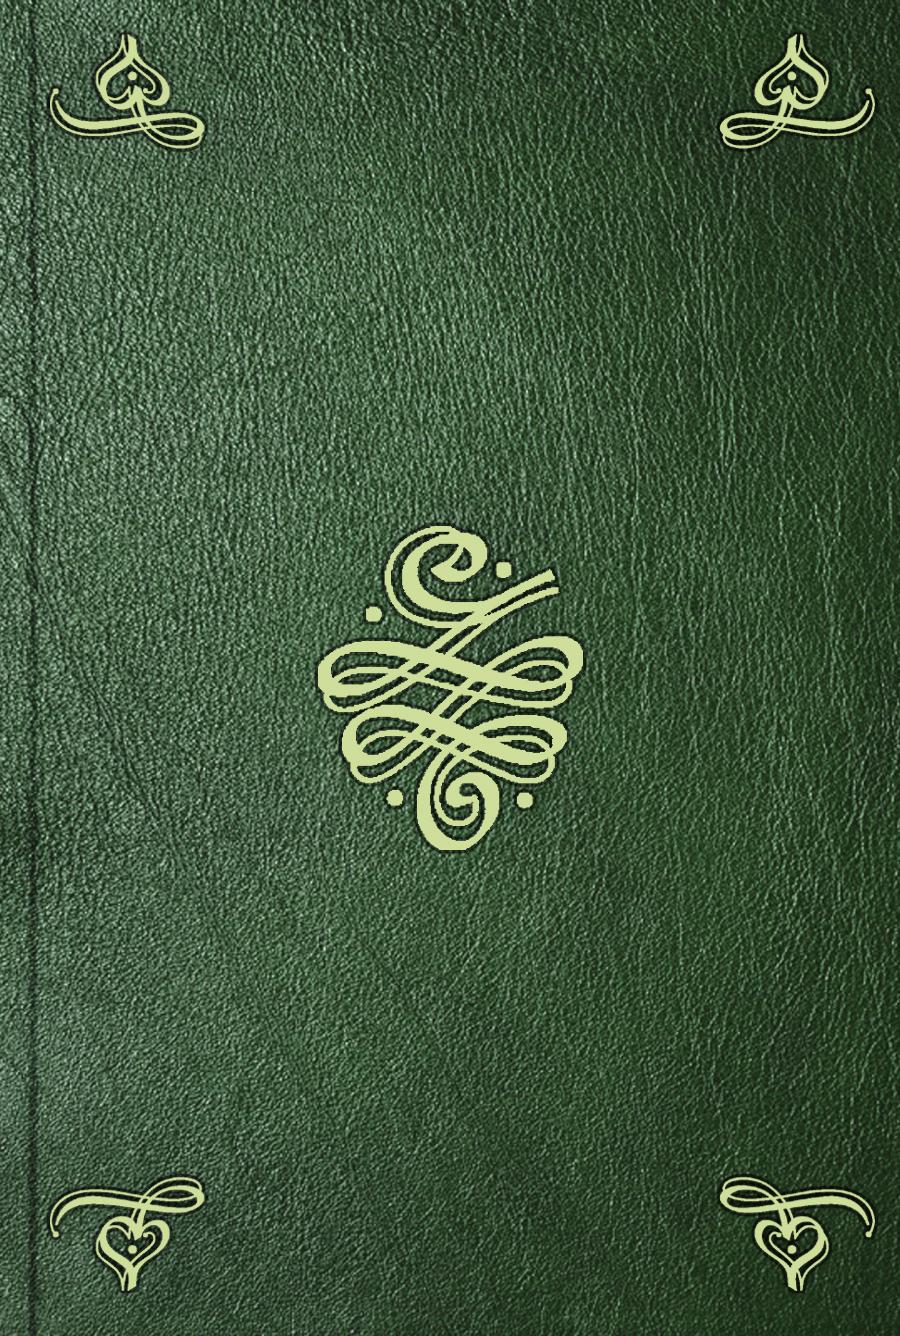 Ennio Quirino Visconti Musee Pie-Clementin. T. 5 ennio morricone ennio morricone s greatest hits 2 cd